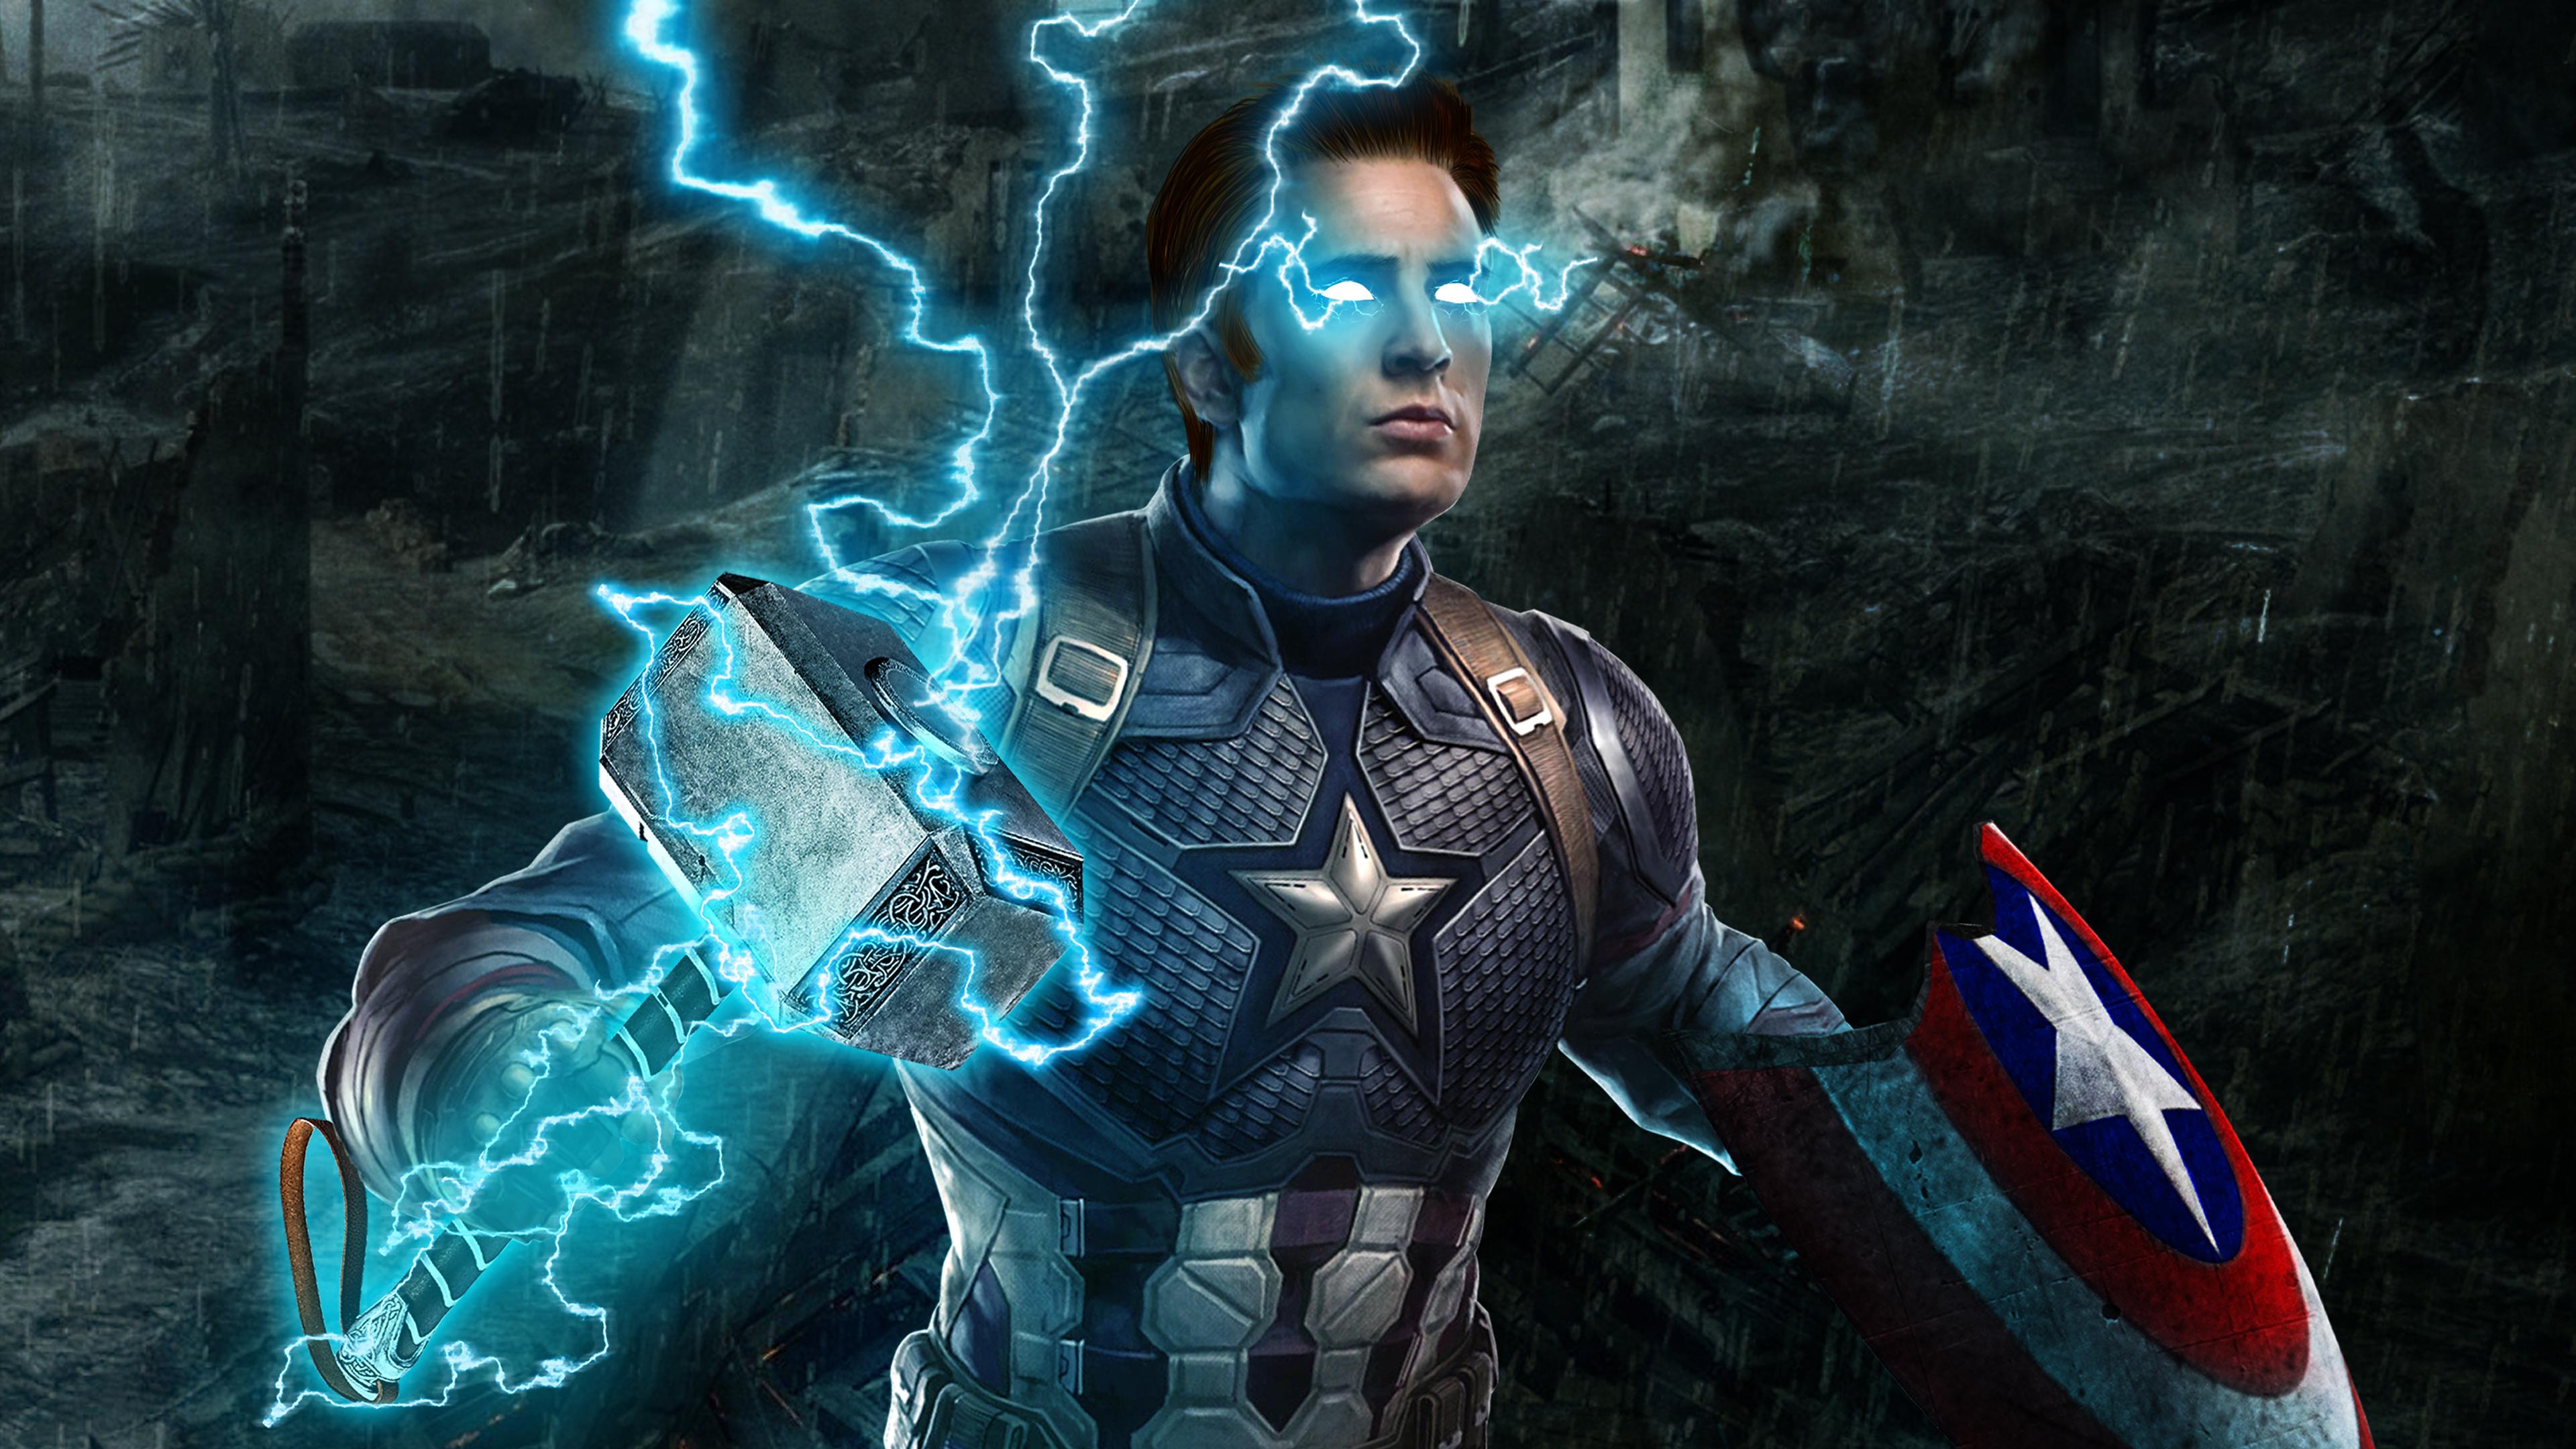 Captain America Mjolnir Avengers Endgame 4k, HD ...